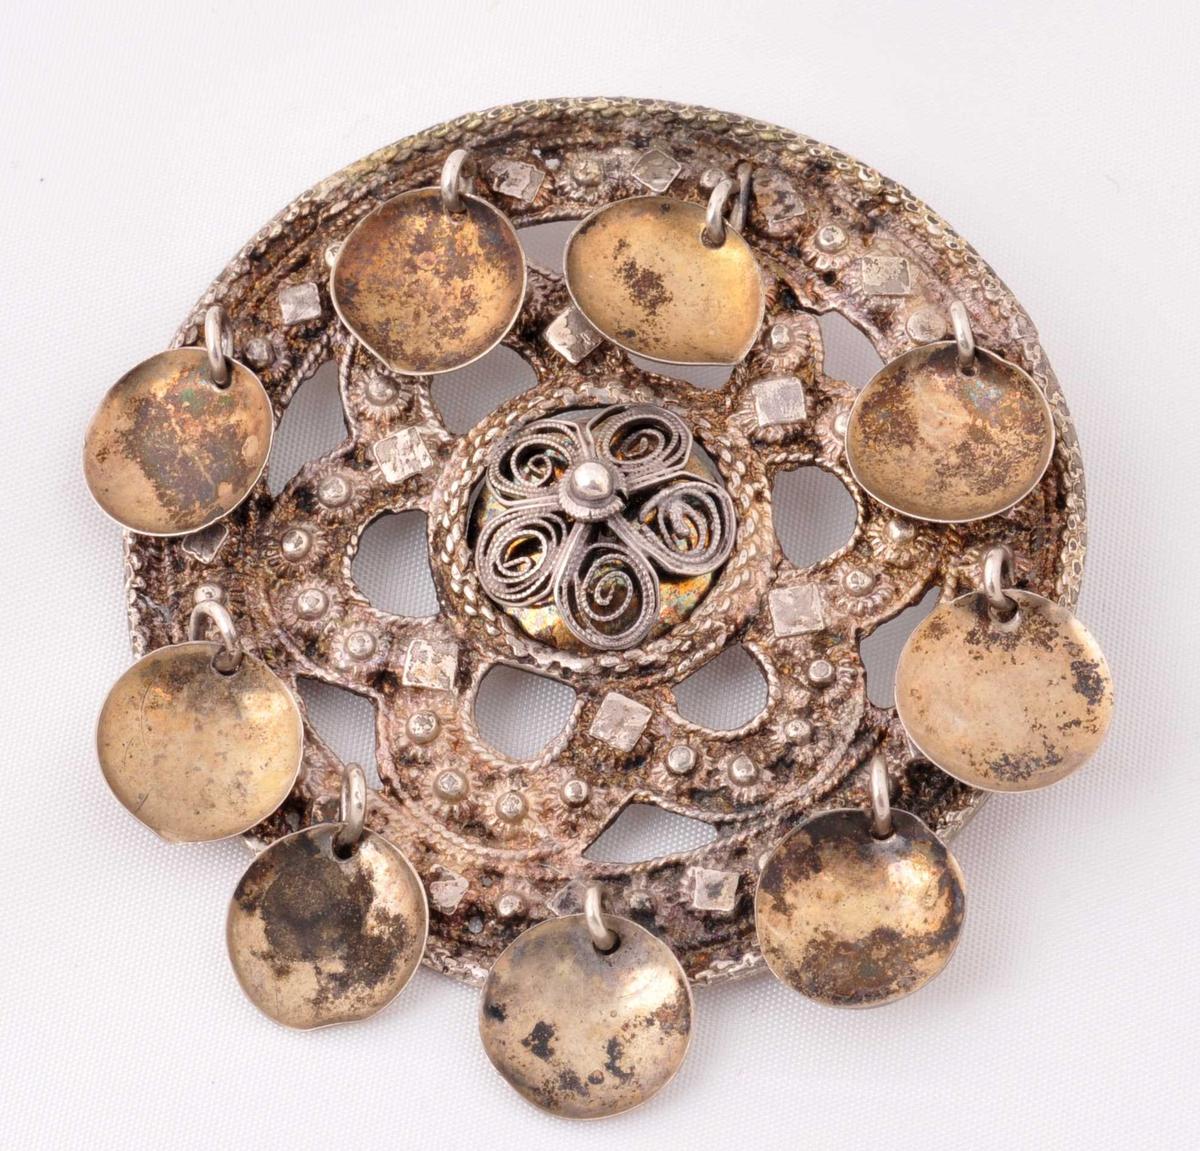 Sylgja er ei slangesylgje med lauv (lauvsylgje). Sylgja er omgjord rundt 1900. Då blei det sett på lauv og kruse med enkel tråd.  Ytre kant er av tvinna sylvtrådar. Deretter filigransarbeid med kuler, firkantar og trådar. Deretter filigransarbeid i buktinger (gjennombrote  arbeide). Indre ring er av tjukk, tvinna søyvtråd. Merke etter forgylling. Snodde trådar som dannar fem blad utgjer midtpartiet, som før var staden der nåla var festa. I seinare tid er det lodda på ei nål bak med hengsle og festekrok for nåla. Nåla manglar. Ni forgylte, runde lauv. Festet for lauvet er klinket.